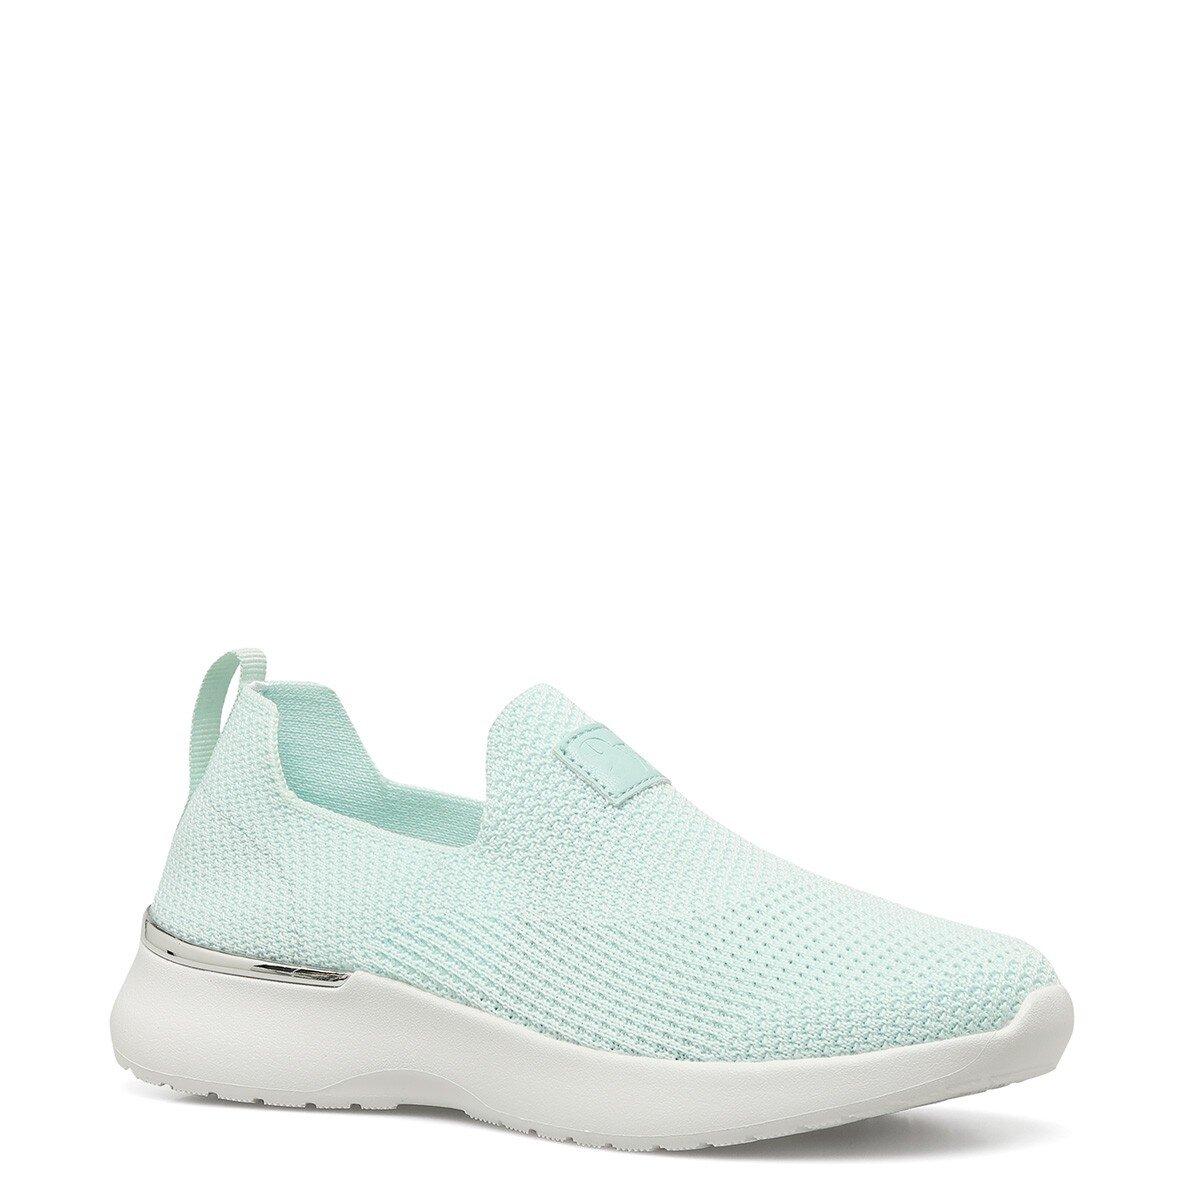 RENEE2 1FX Mint Kadın Slip On Ayakkabı